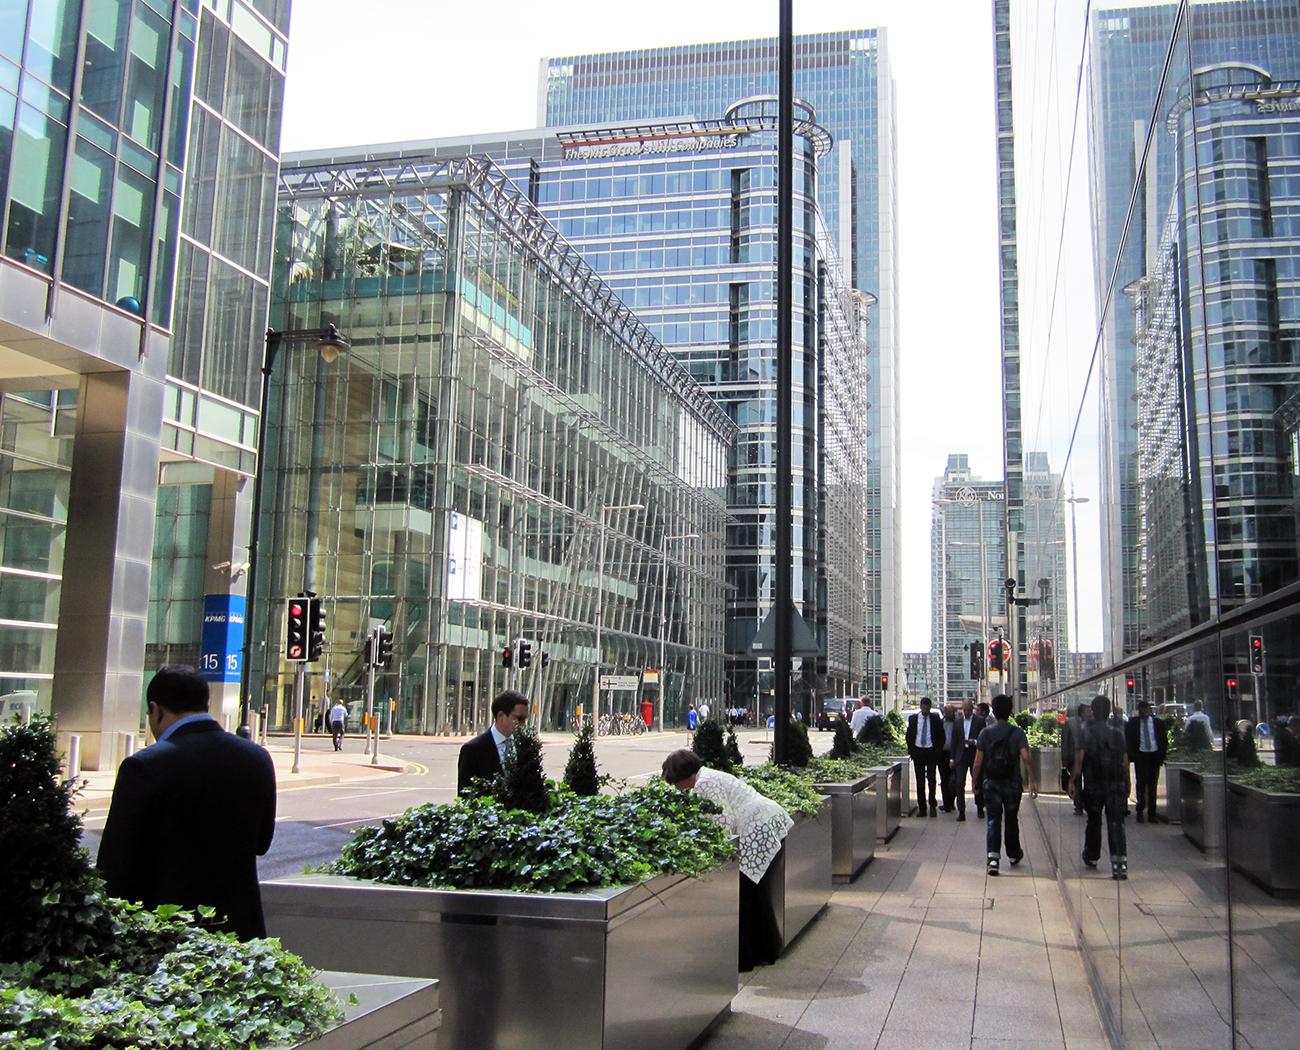 Lensa Eropa – Mengenal Canary Wharf, Distrik Bisnis di